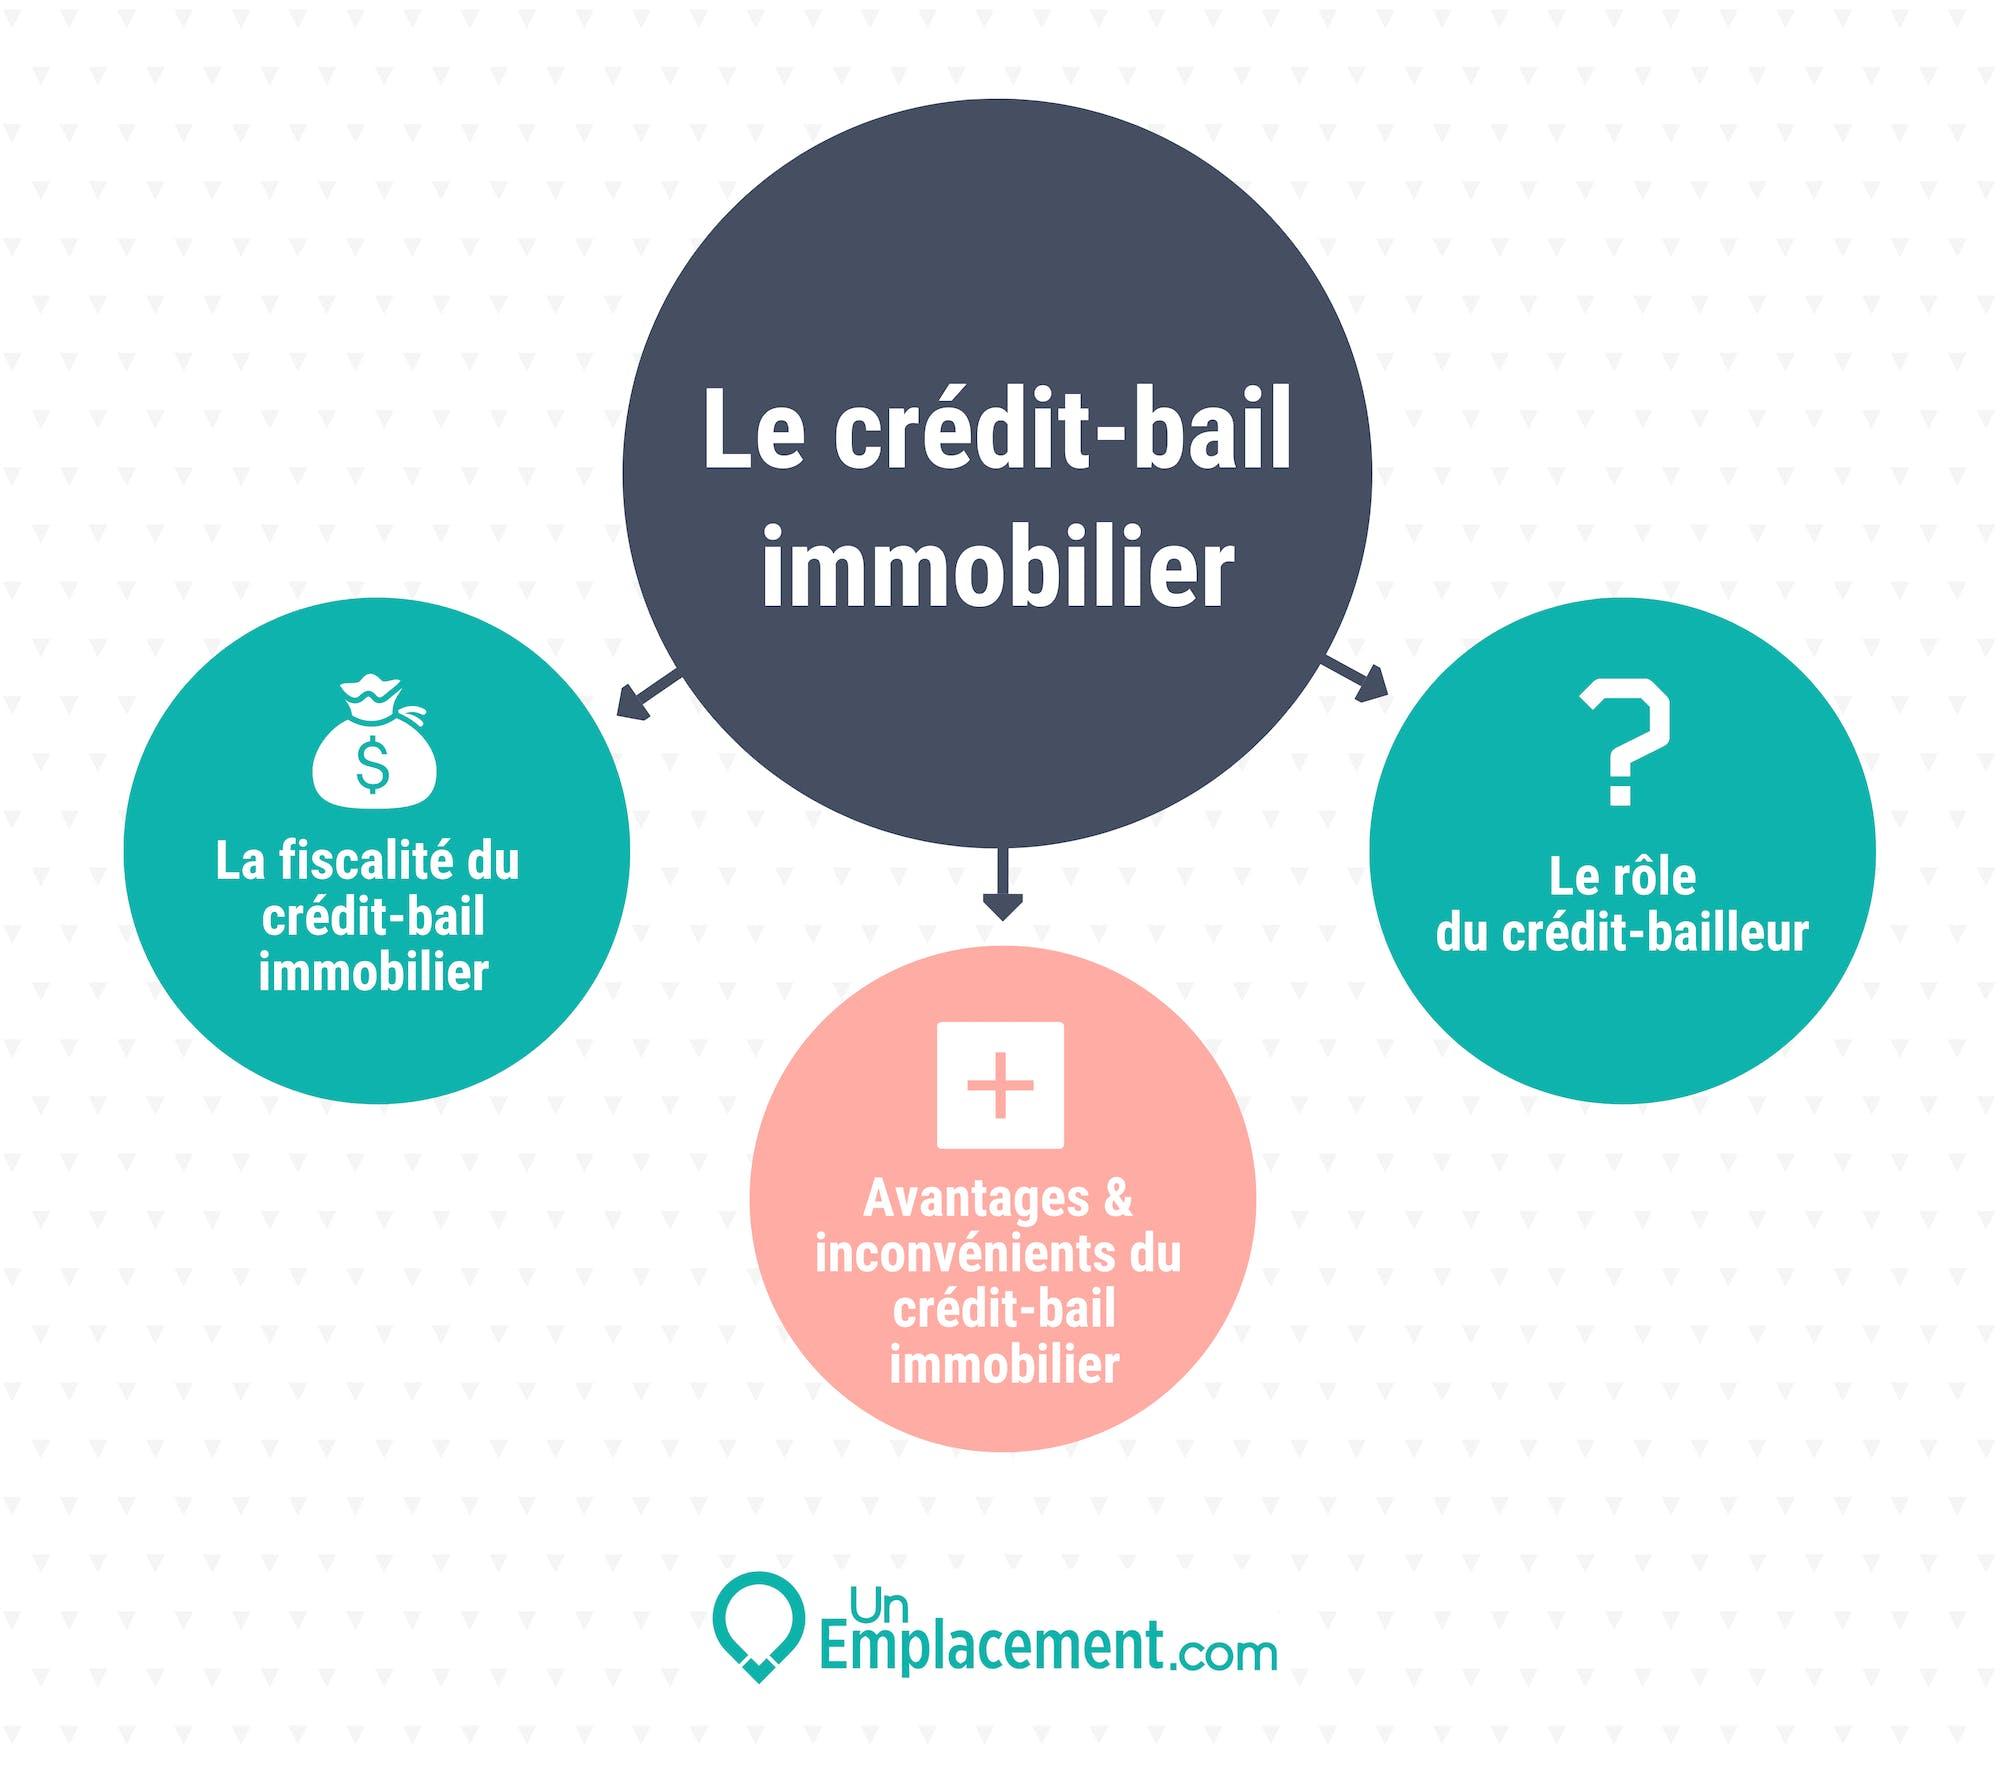 Infographie sur le crédit-bail immobilier